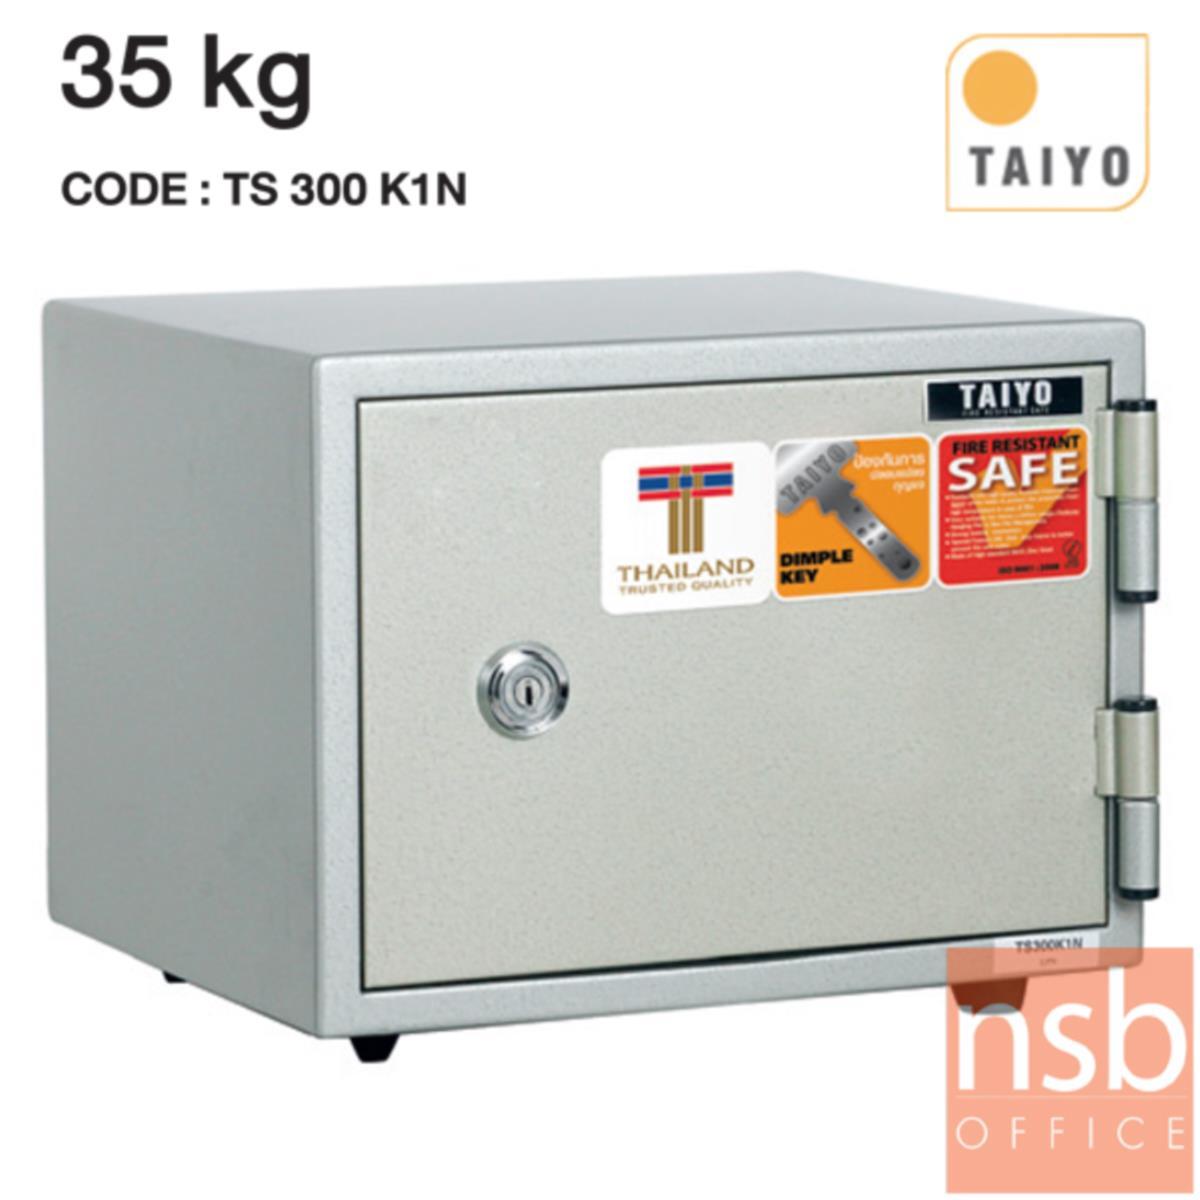 F01A001:ตู้เซฟ TAIYO 35 กก. 1 กุญแจ ไม่มีรหัส   (TS 300 K1N)